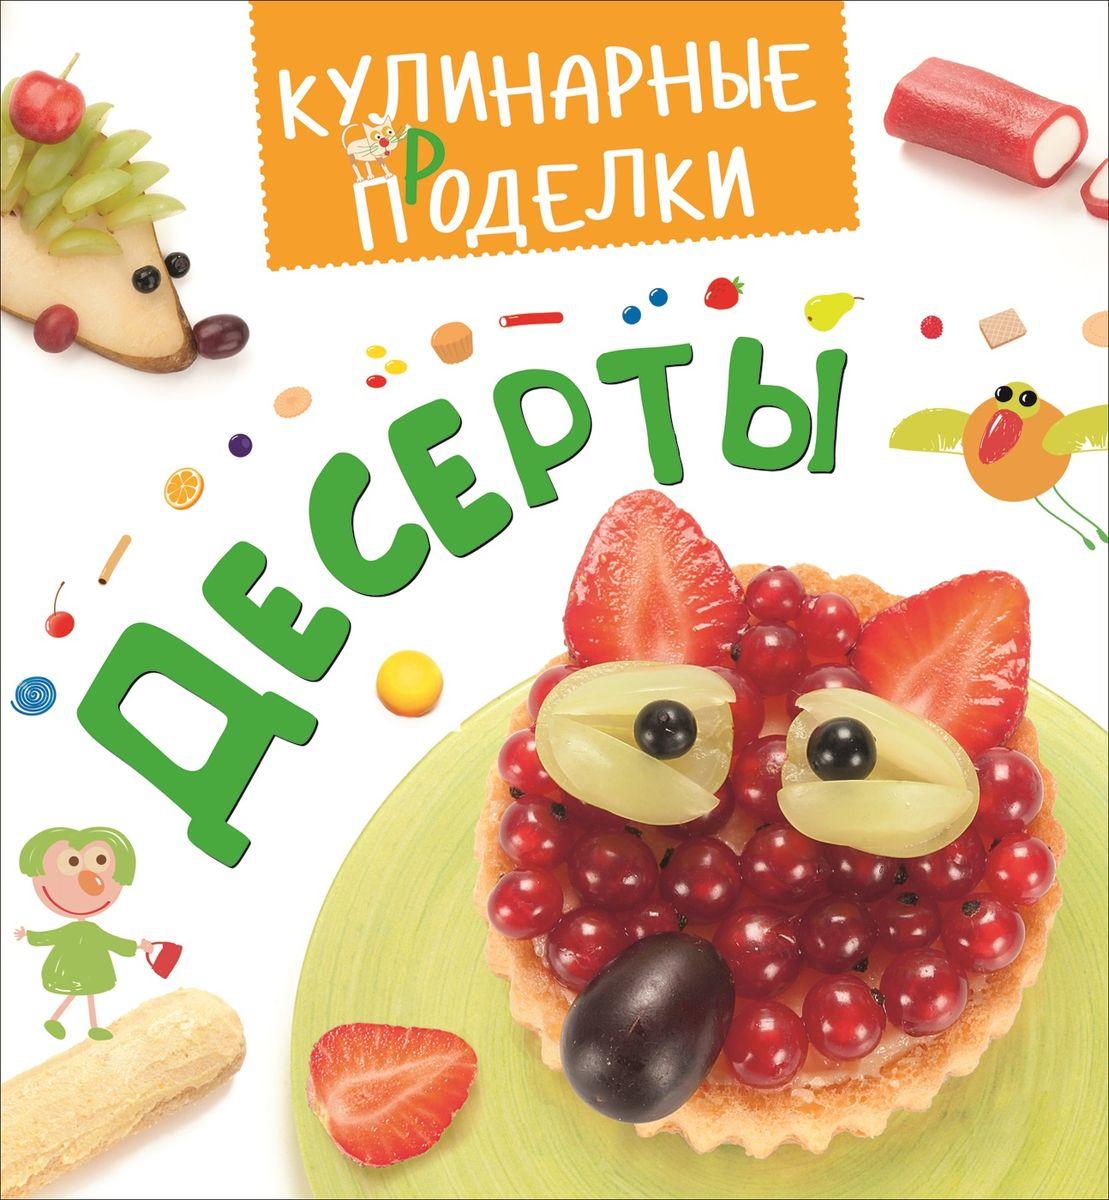 Кулинарные пРоделки. Десерты ( 978-5-353-07938-5 )